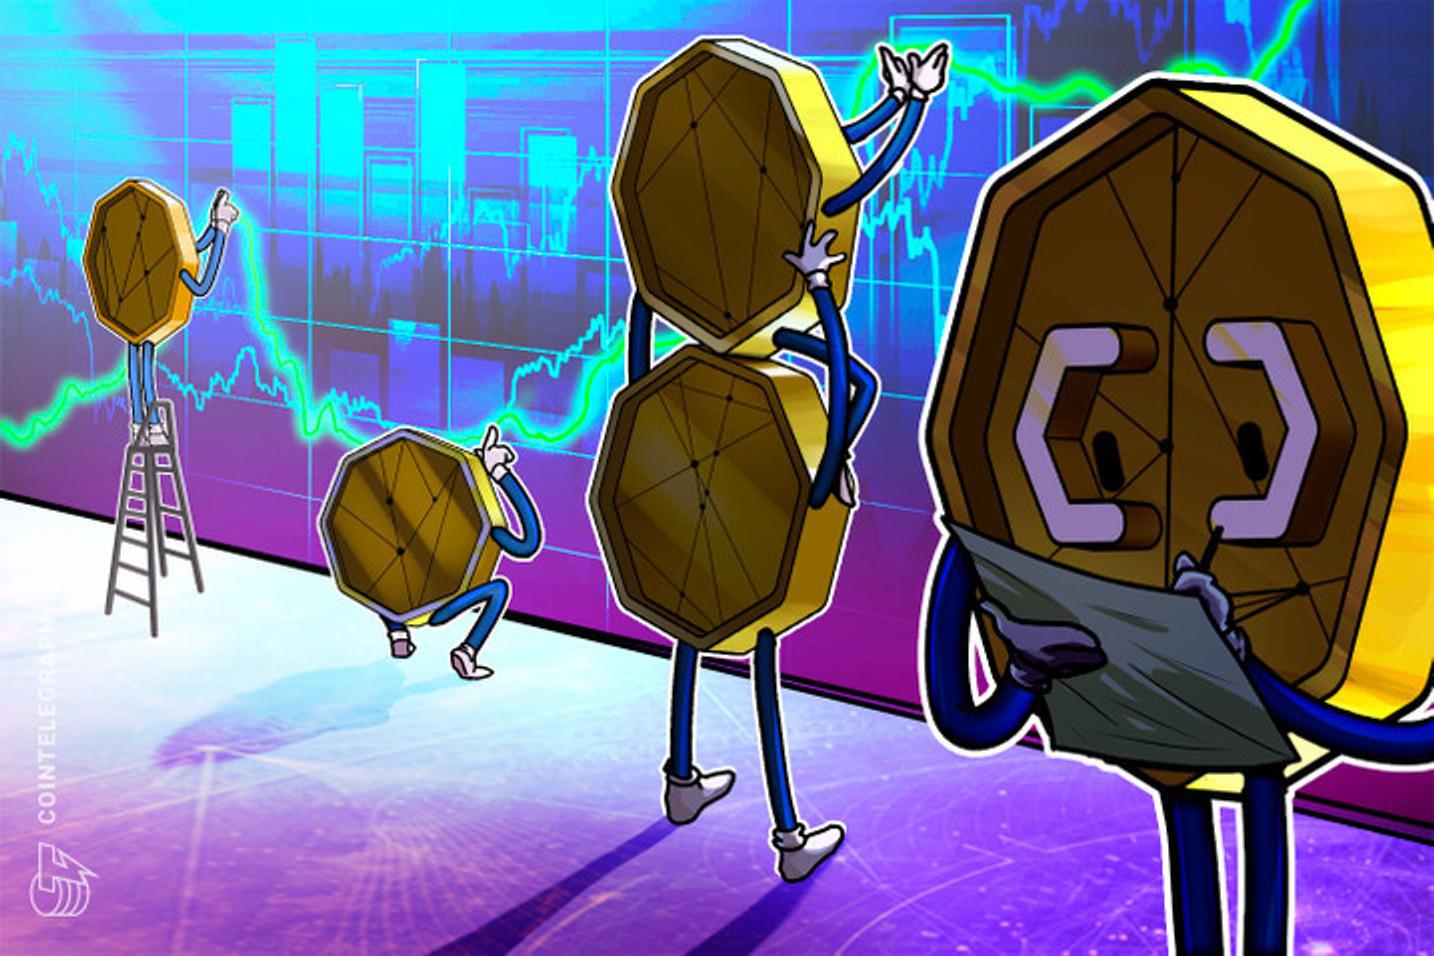 Confirmação do suporte de US$ 12 mil deixa o Bitcoin perto da máxima histórica no Brasil